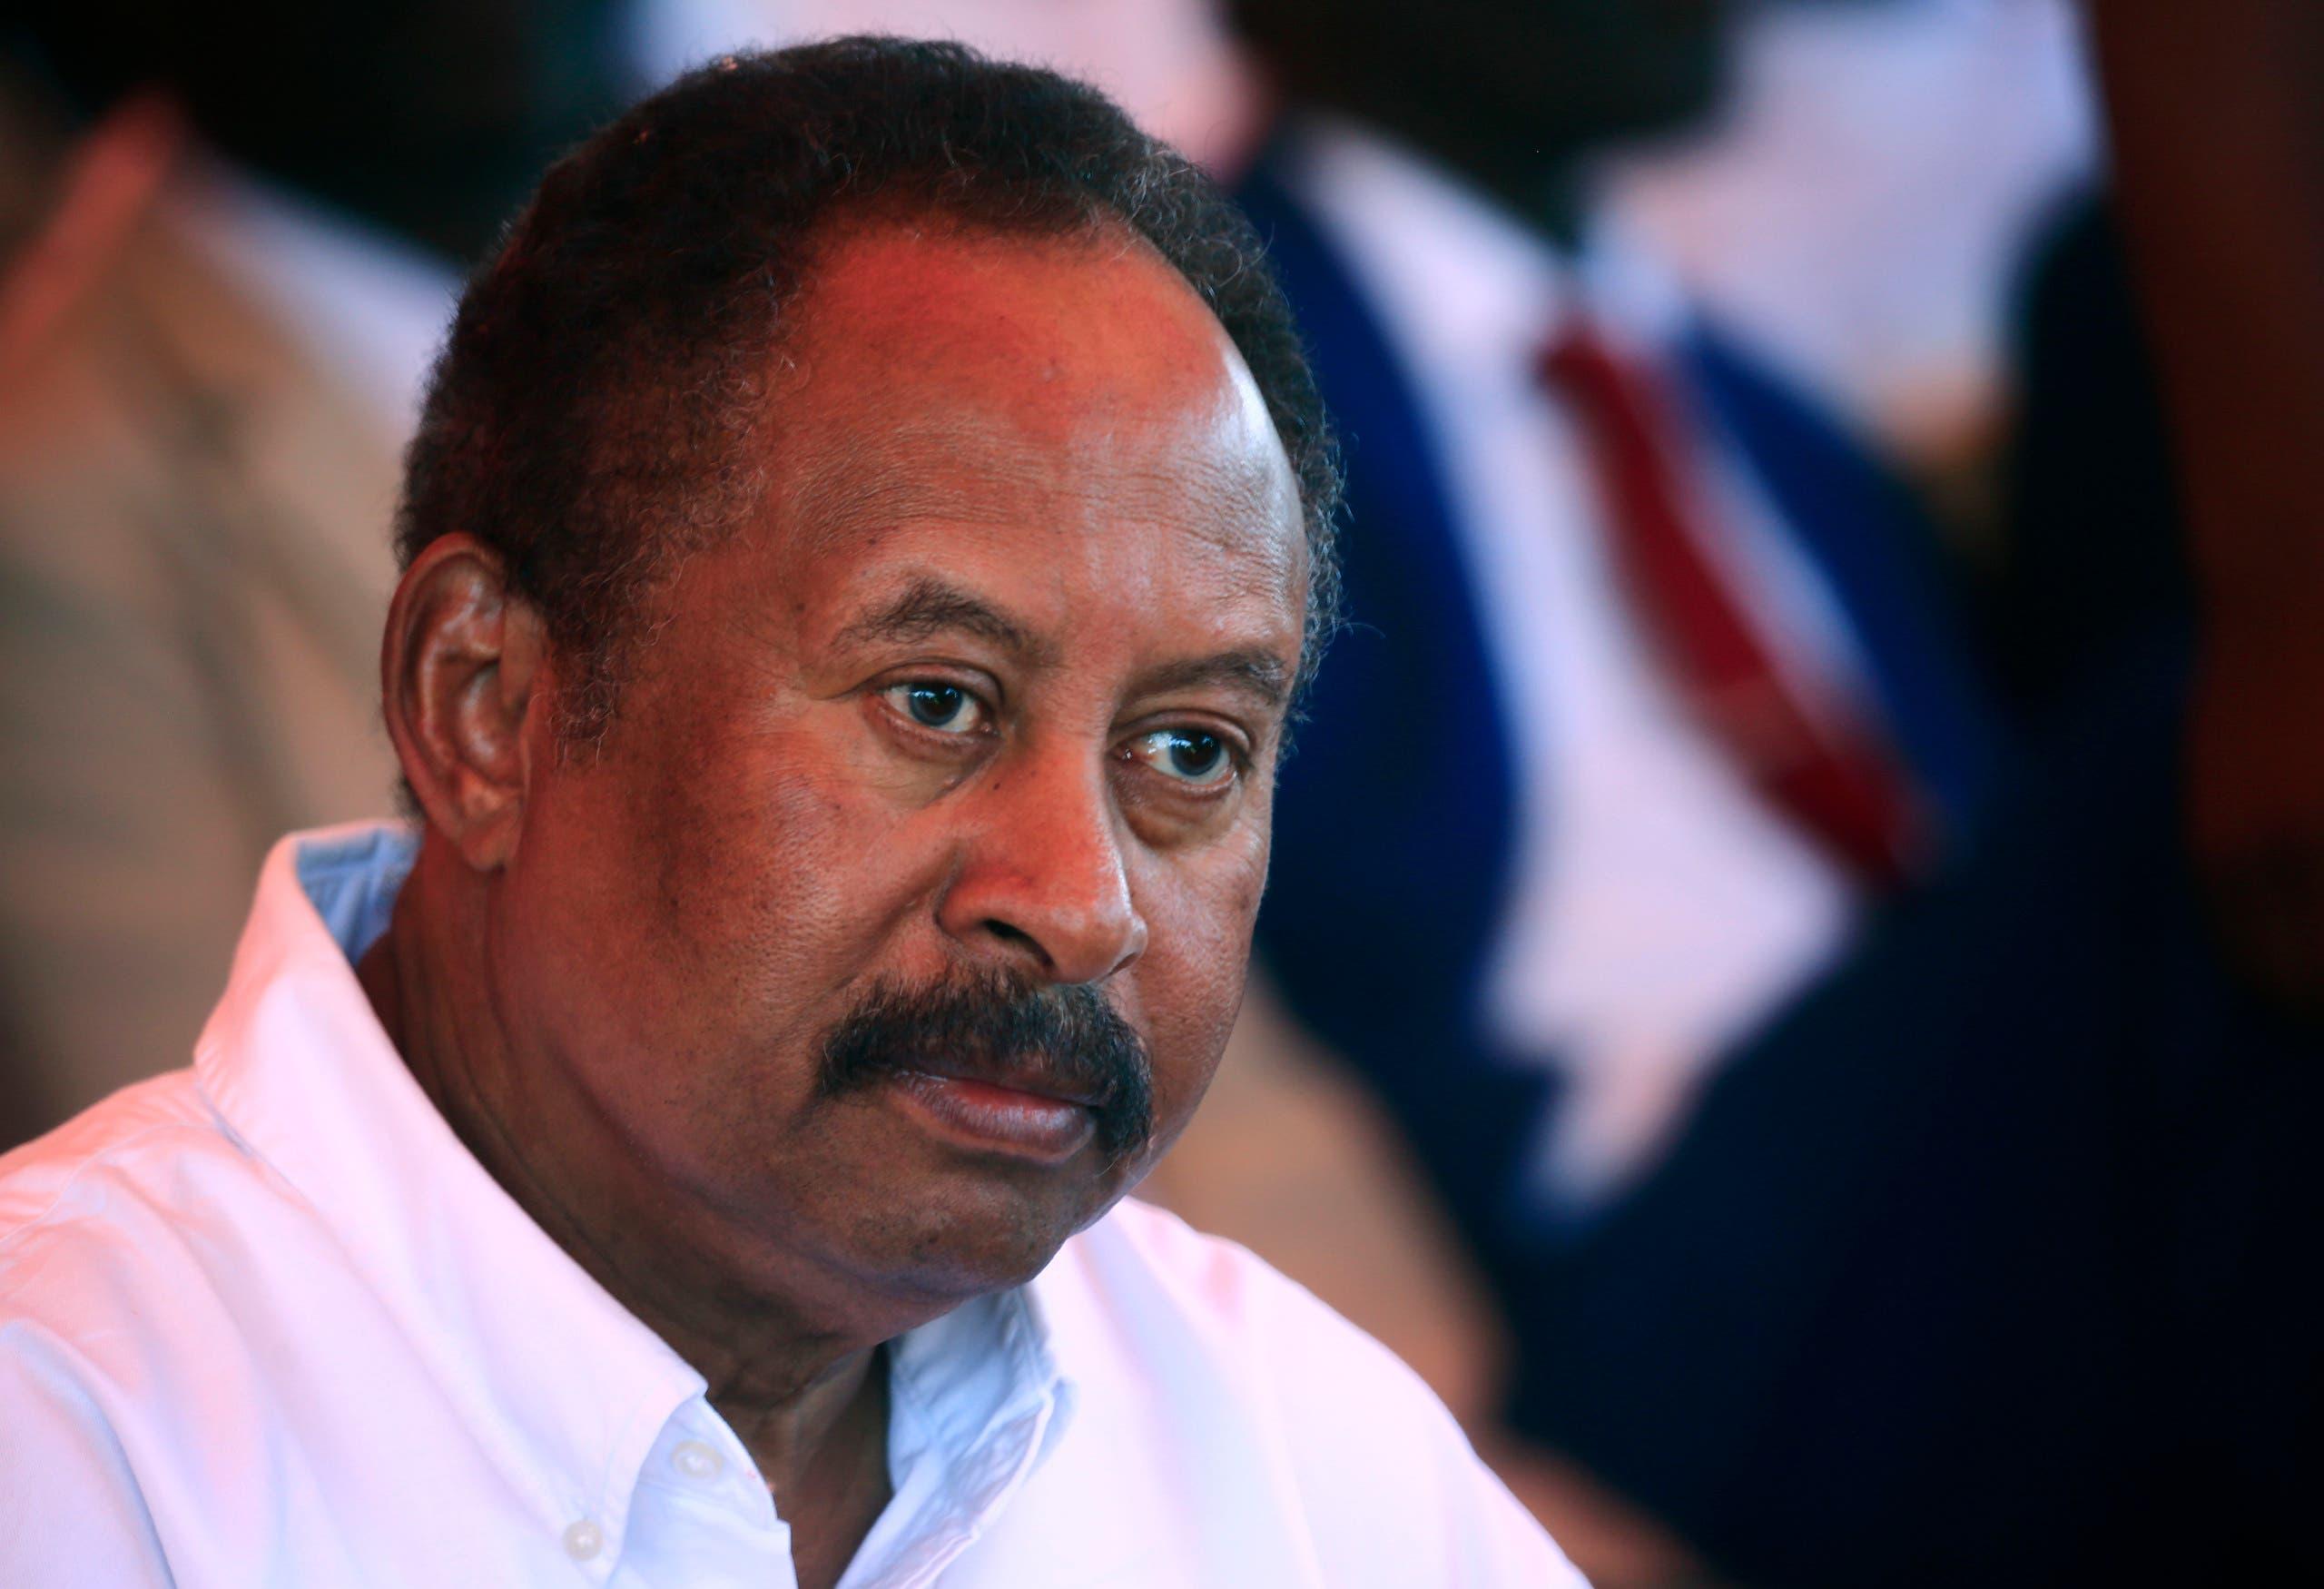 رئيس الوزراء السوداني عبدالله حمدوك (أرشيفية)